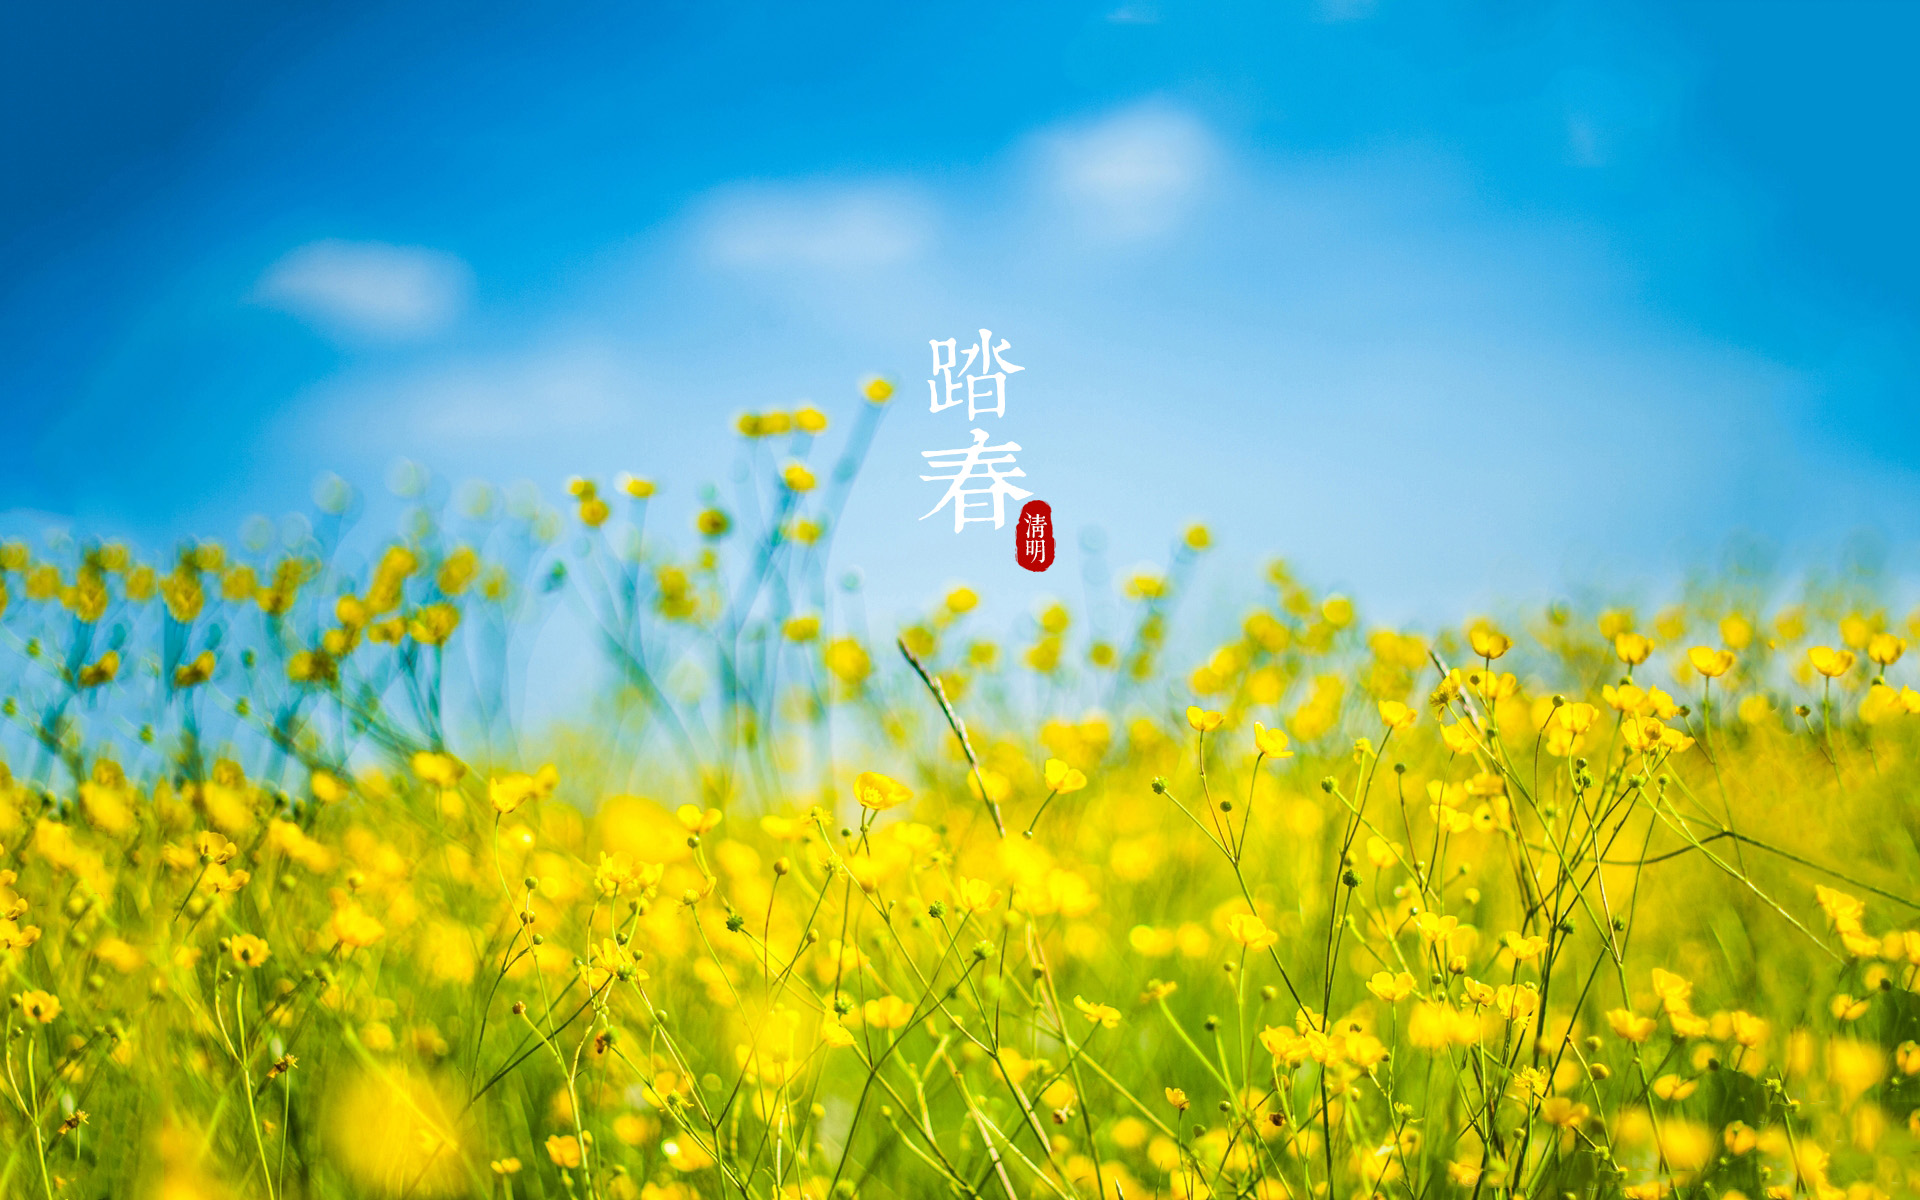 2016.4.2(周六)龙湖大桥,五龙金矿山地穿越。寻找春的气息